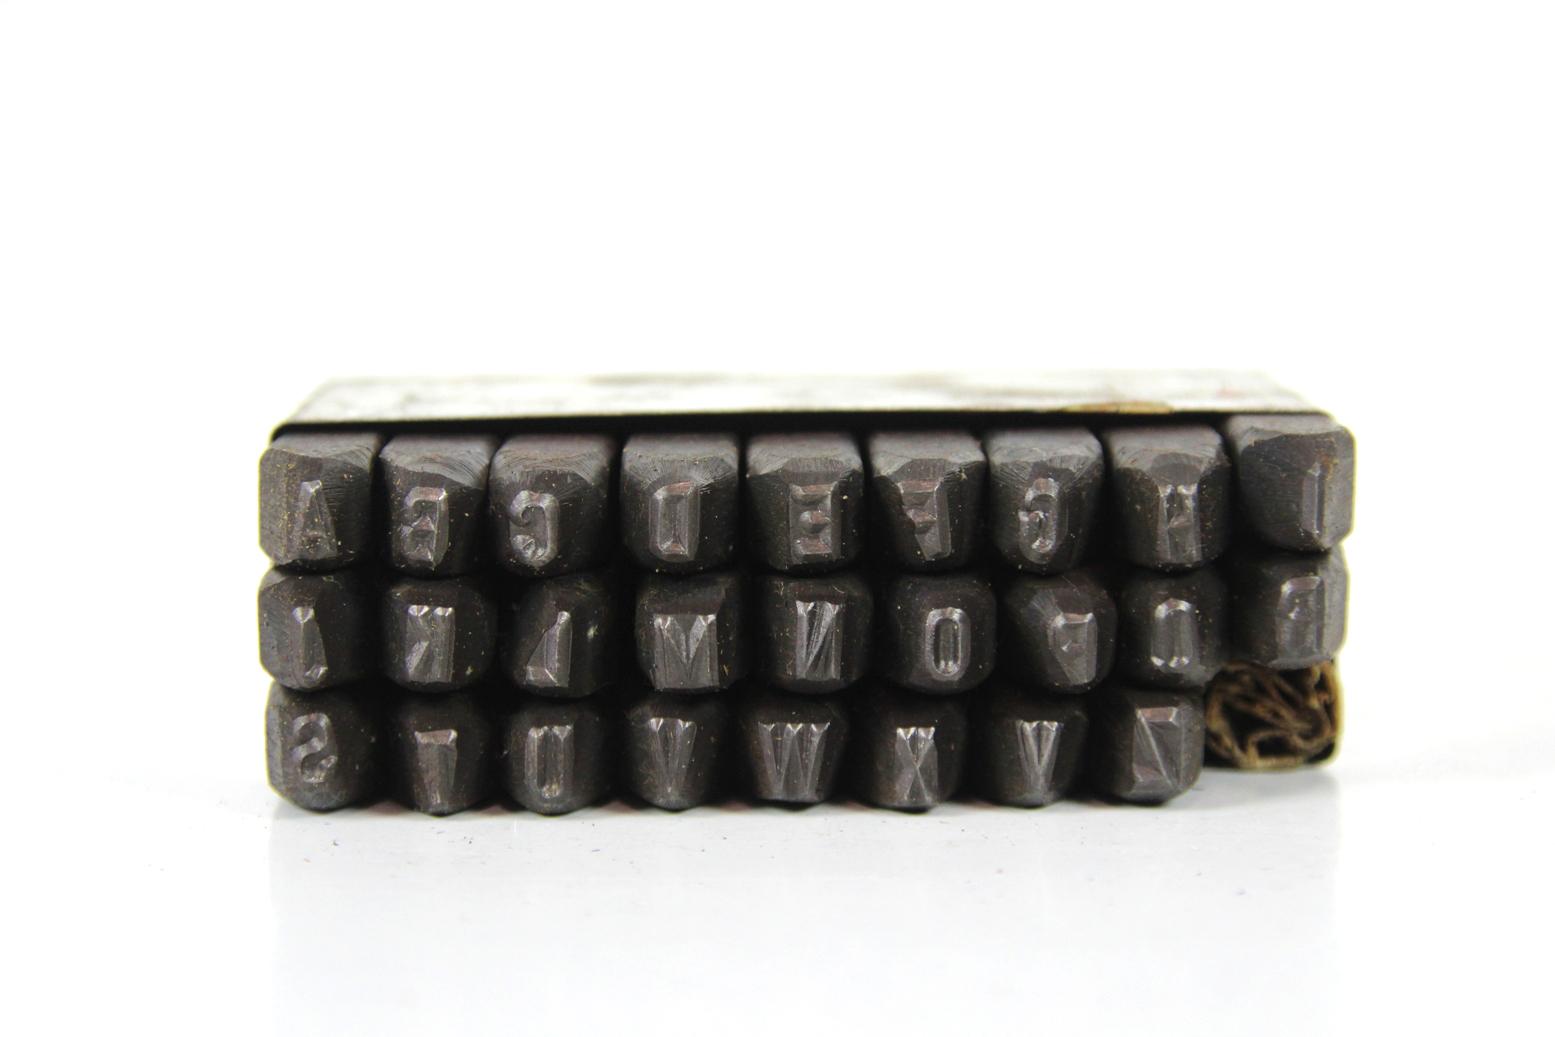 26 schlagbuchstaben a z 5 mm ddr schlagziffern. Black Bedroom Furniture Sets. Home Design Ideas